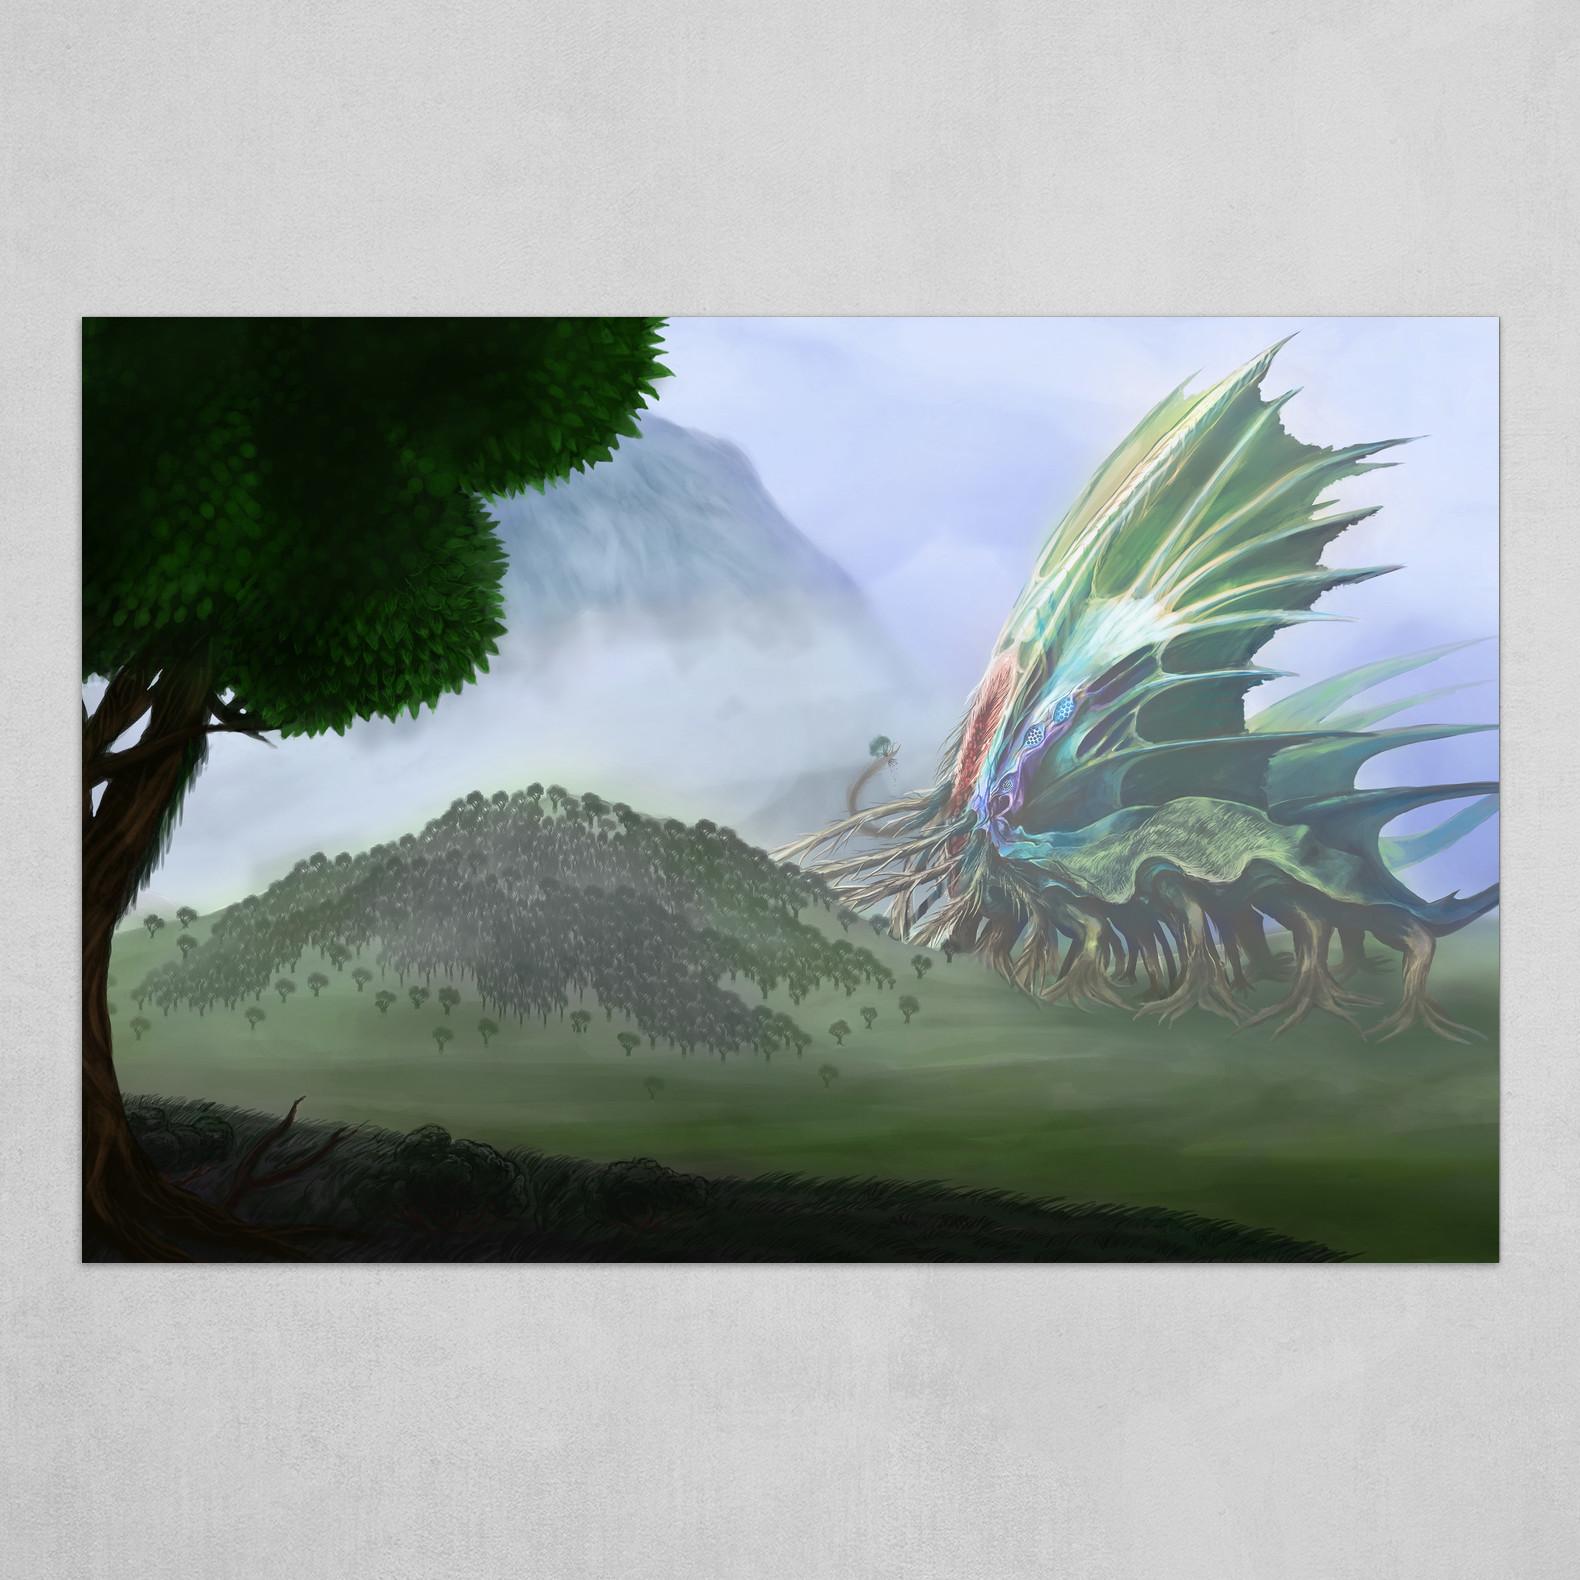 Giant Tree Devourer